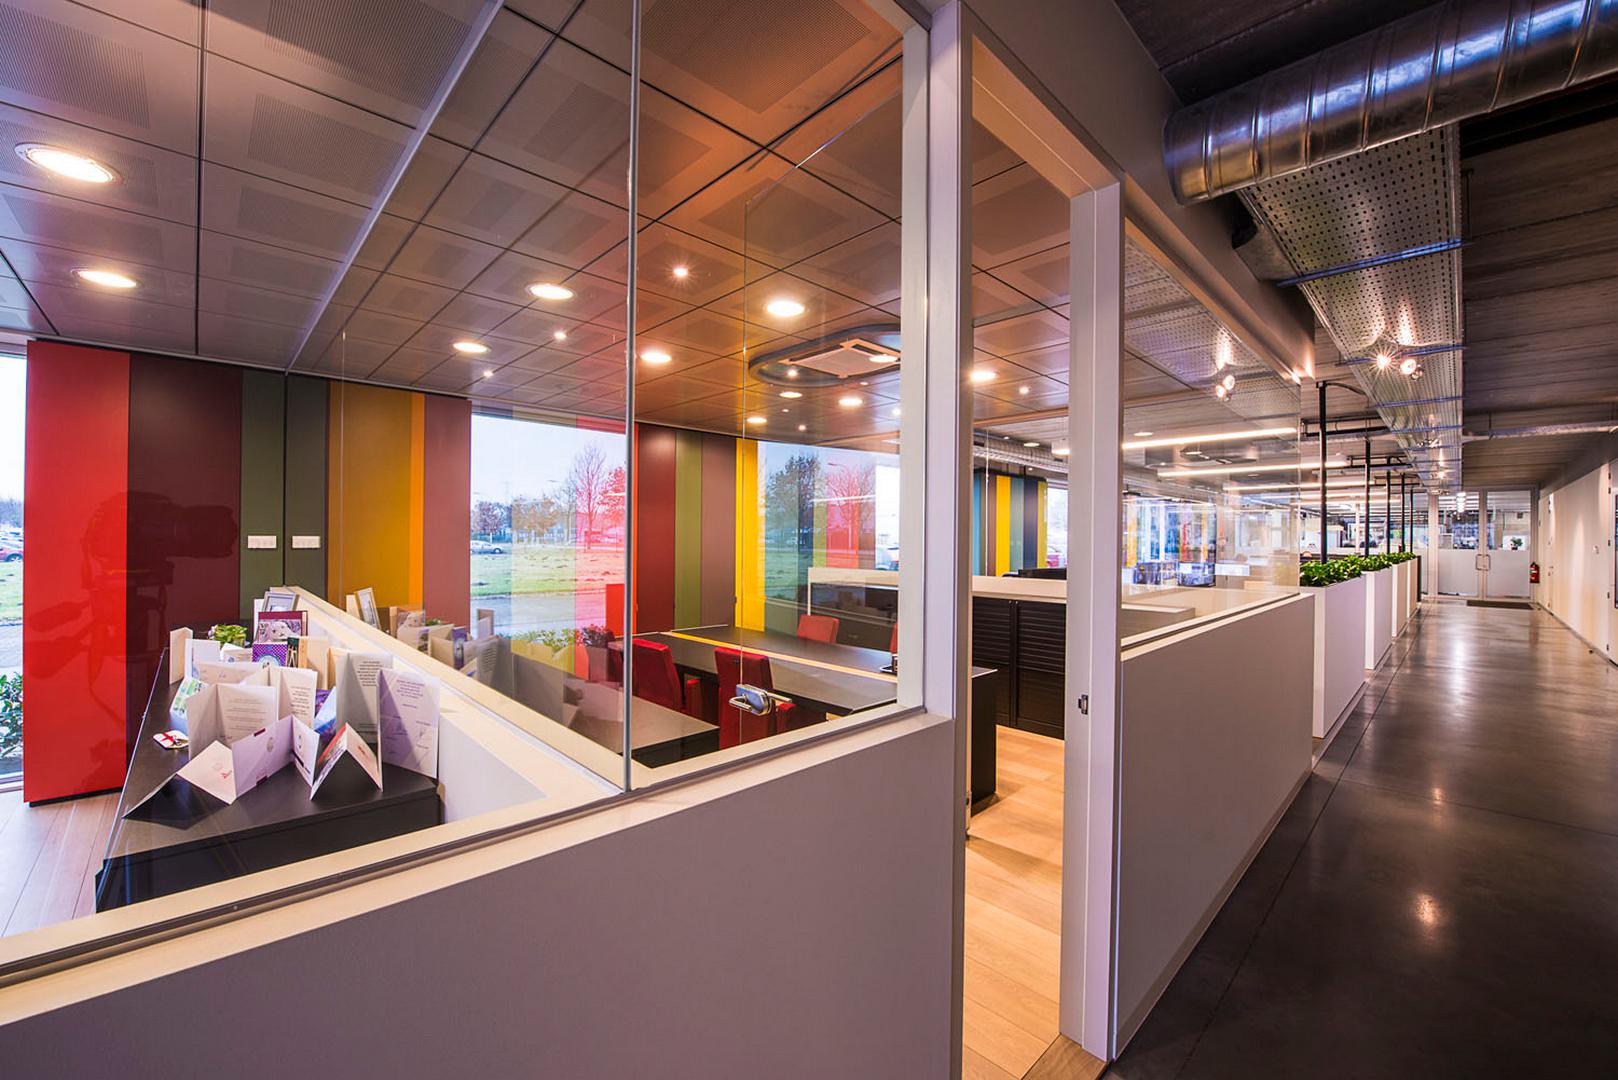 1 Wim Celis Office 18